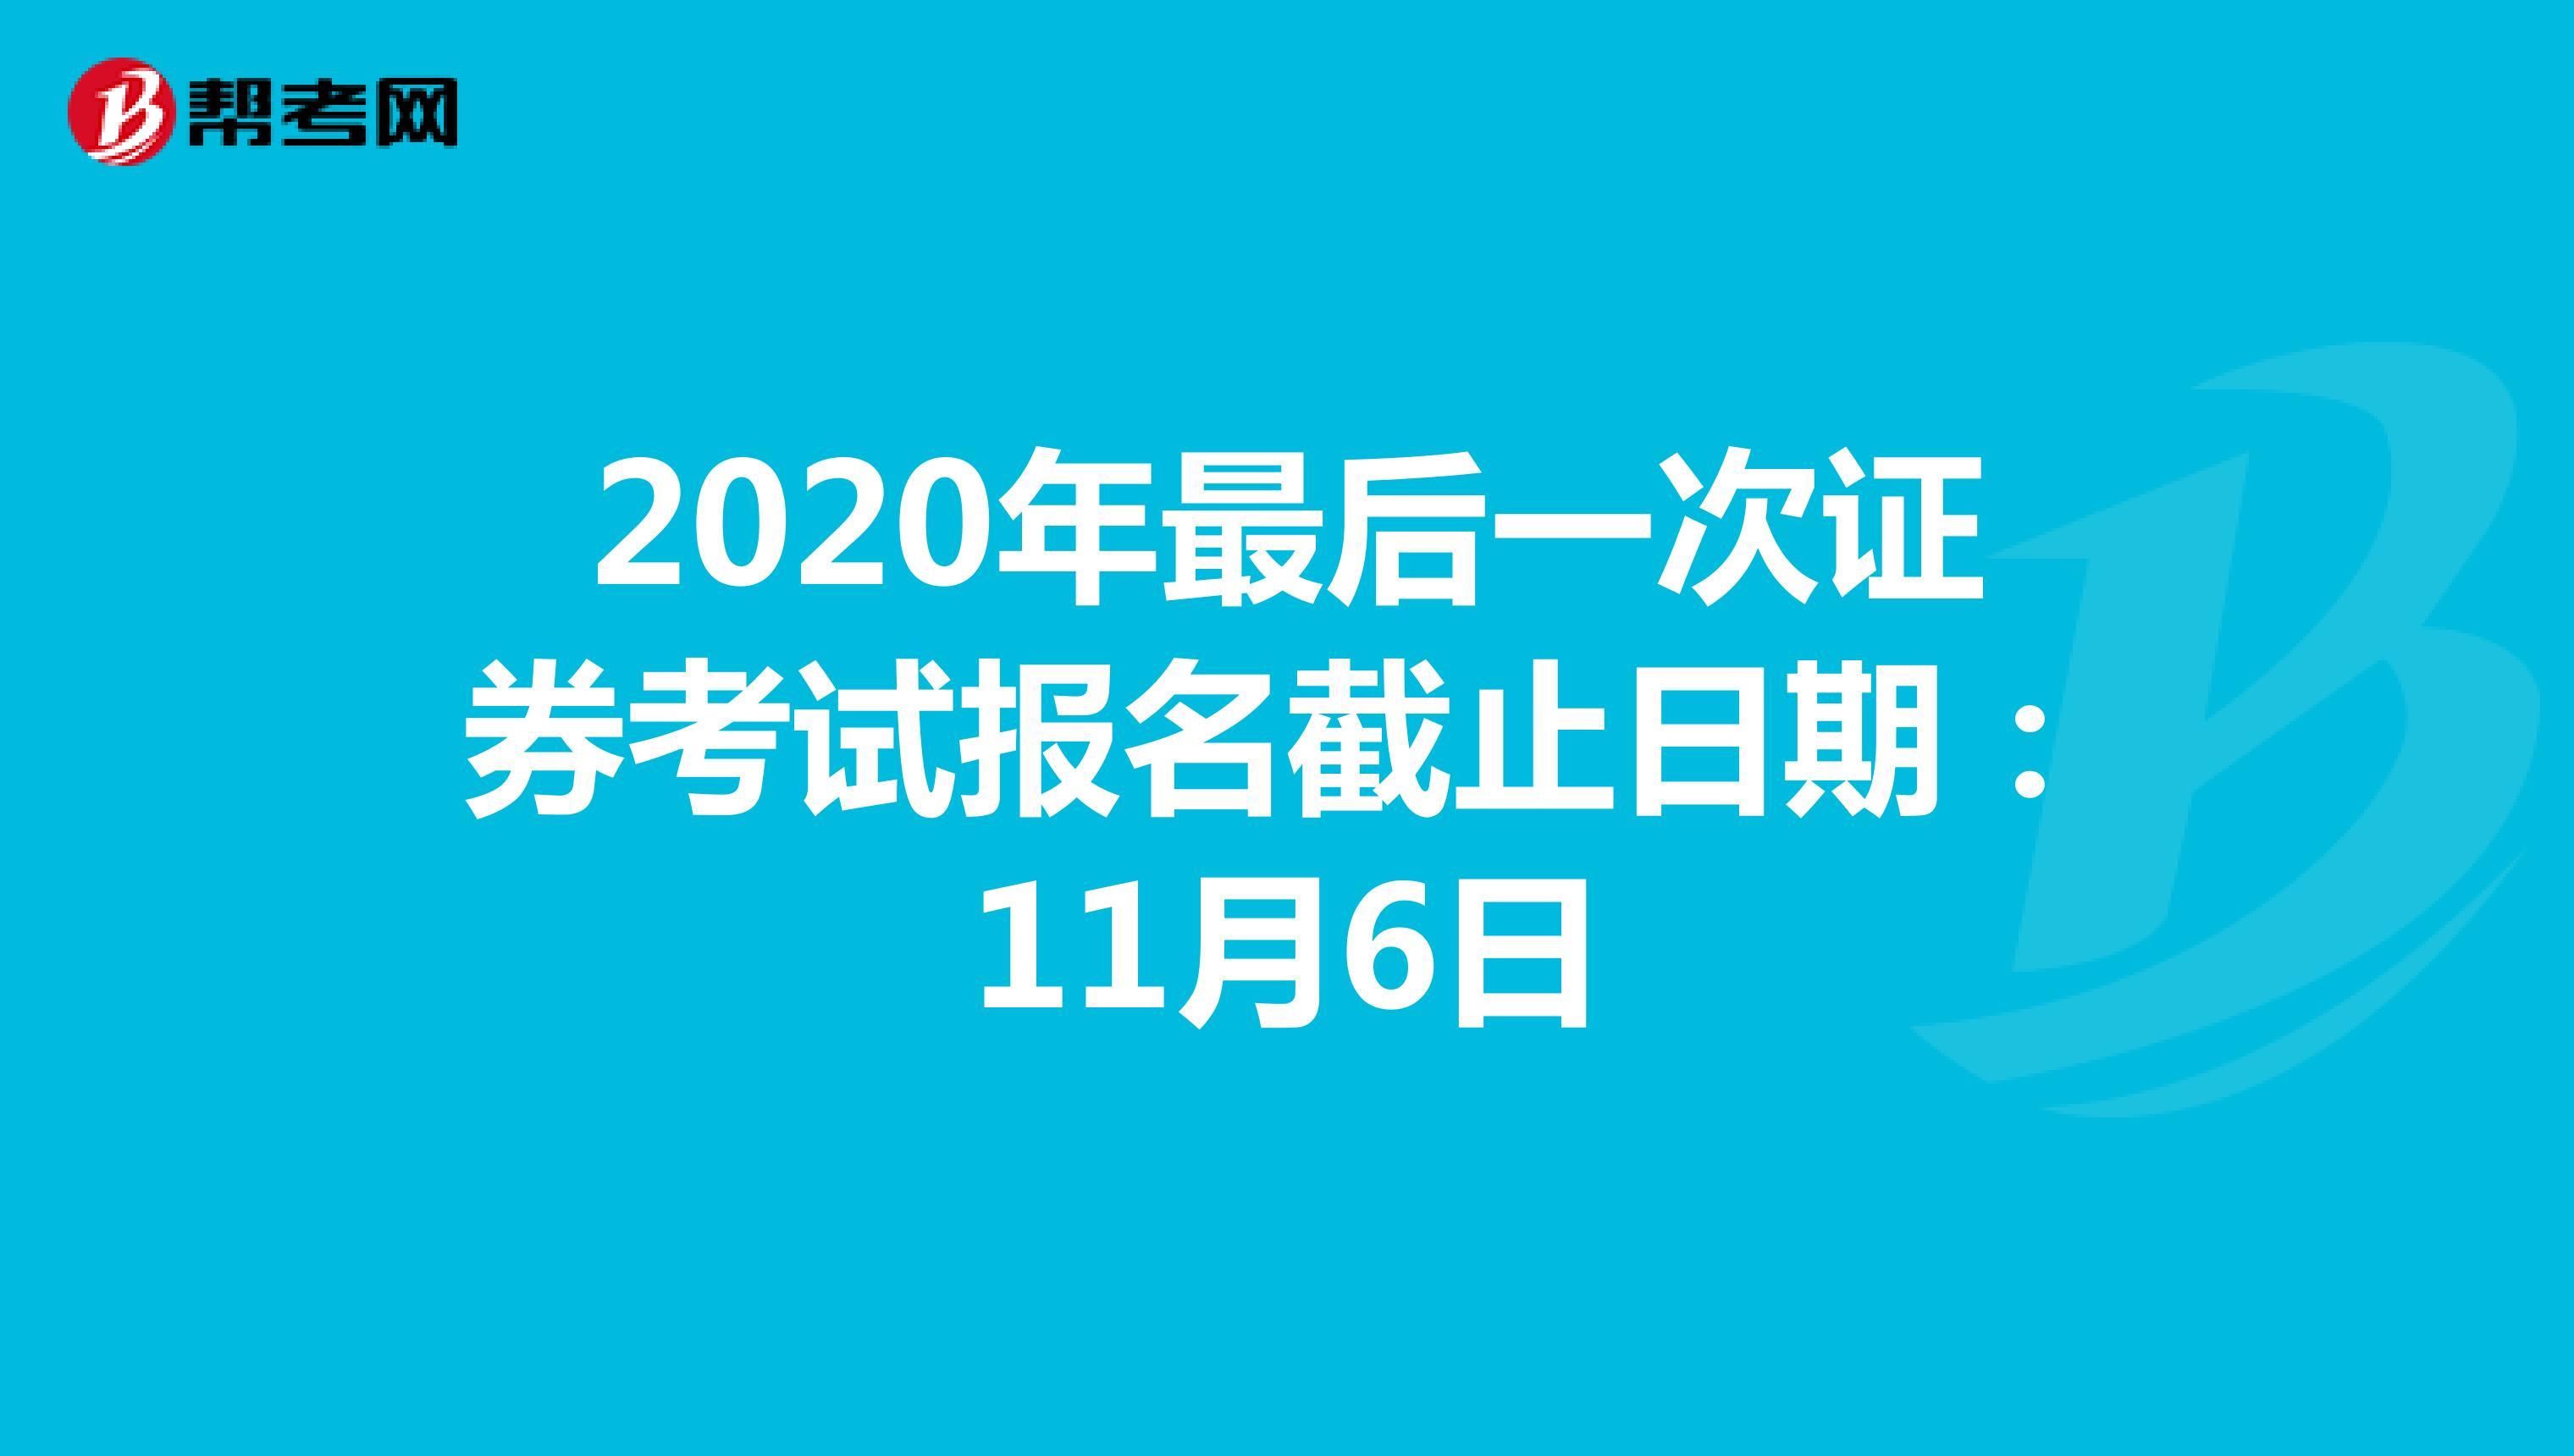 2020年最后一次证券考试报名截止日期:11月6日